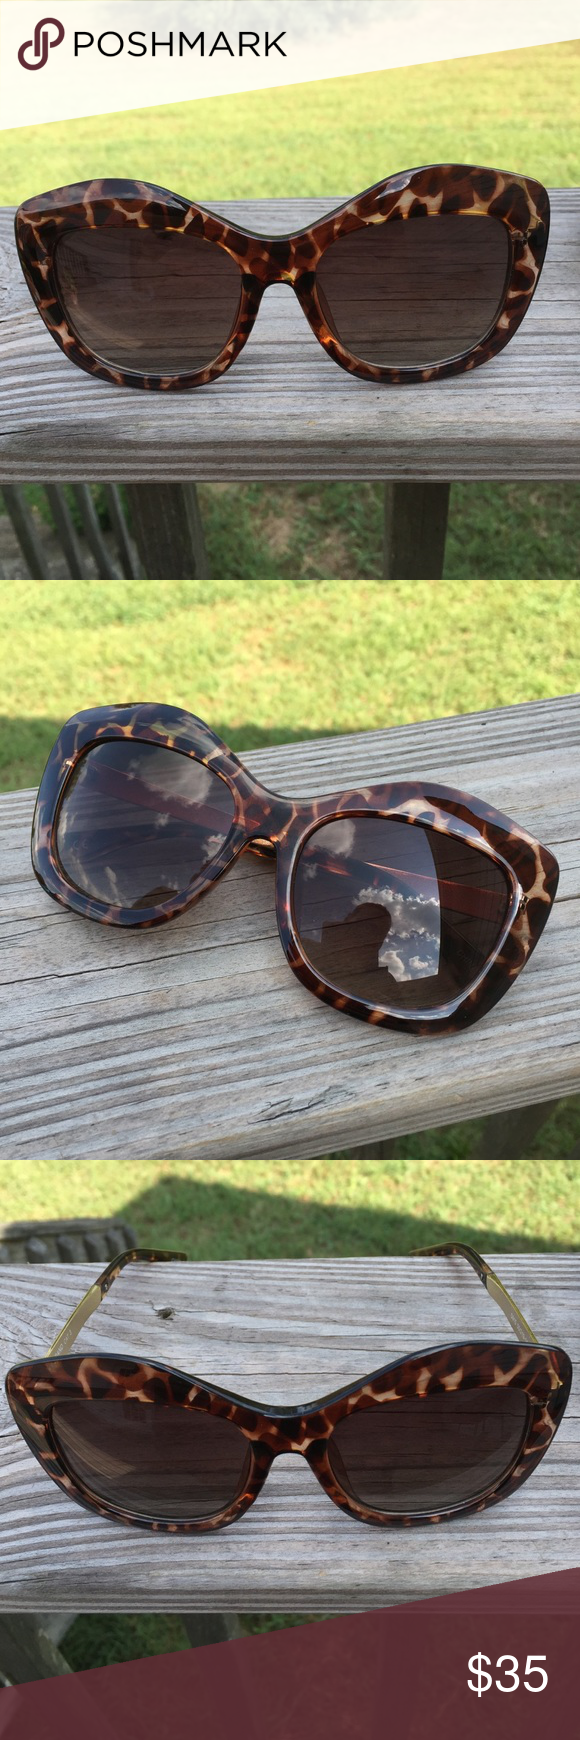 Lucky Brand Cat Eye Tortoise Shell Sunglasses Tortoise